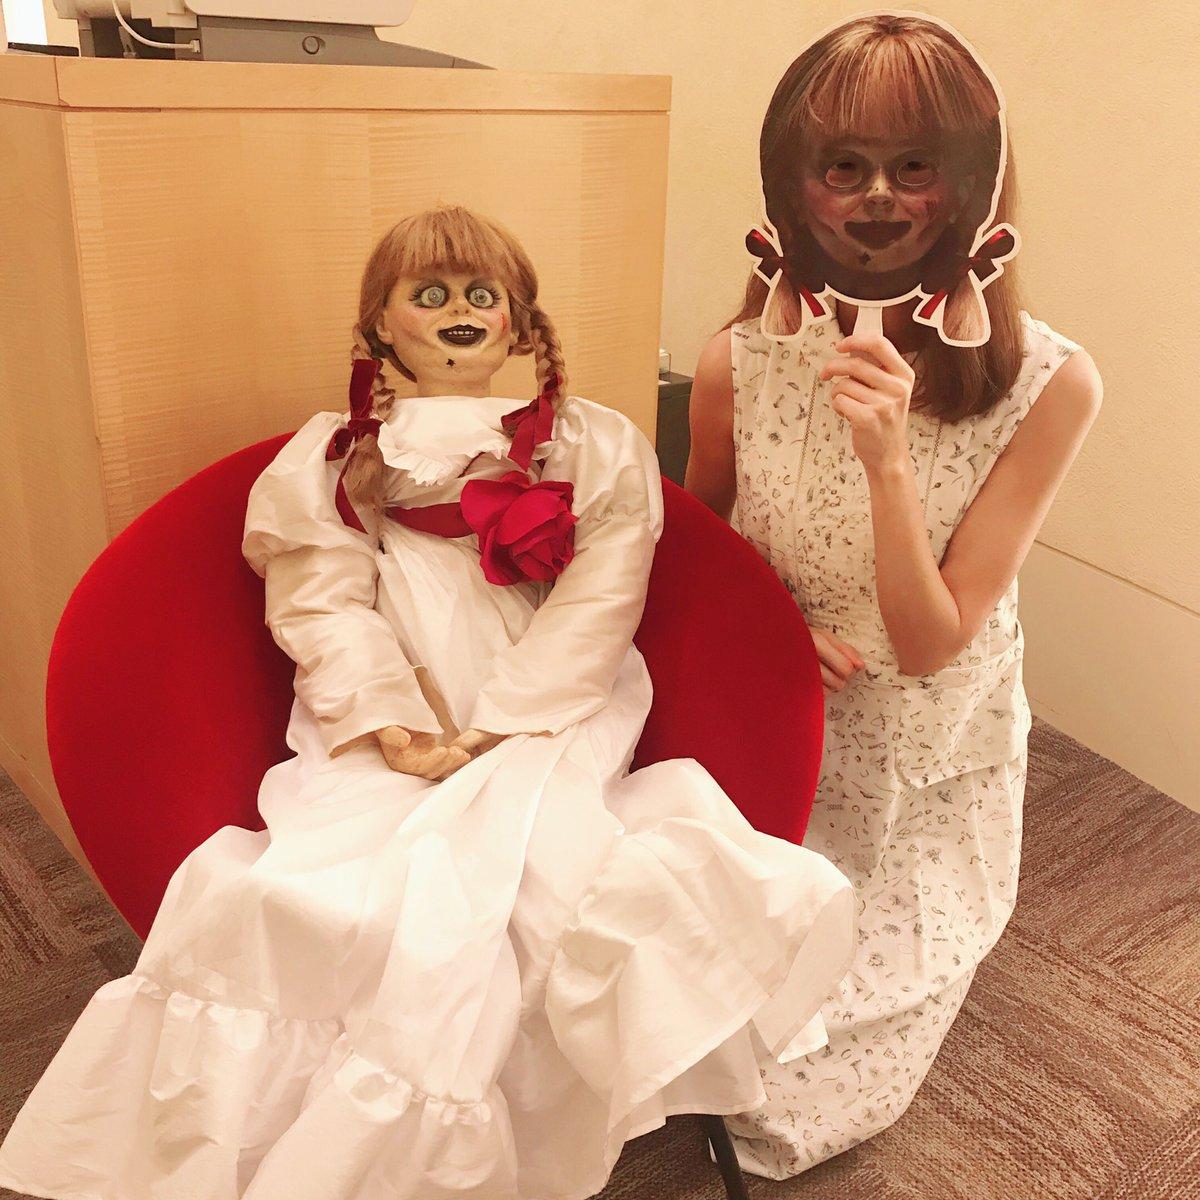 打合せにやってきた早見さん。早見さんが呪いの人形 #アナベル に…!!!!……呪い感がありません!!!✨『#アナベル死霊博物館』明日20日(金)公開です👻.。oO(…早見さん、ありがとうございます) #早見沙織 #はやみん ワーナーの(ス)